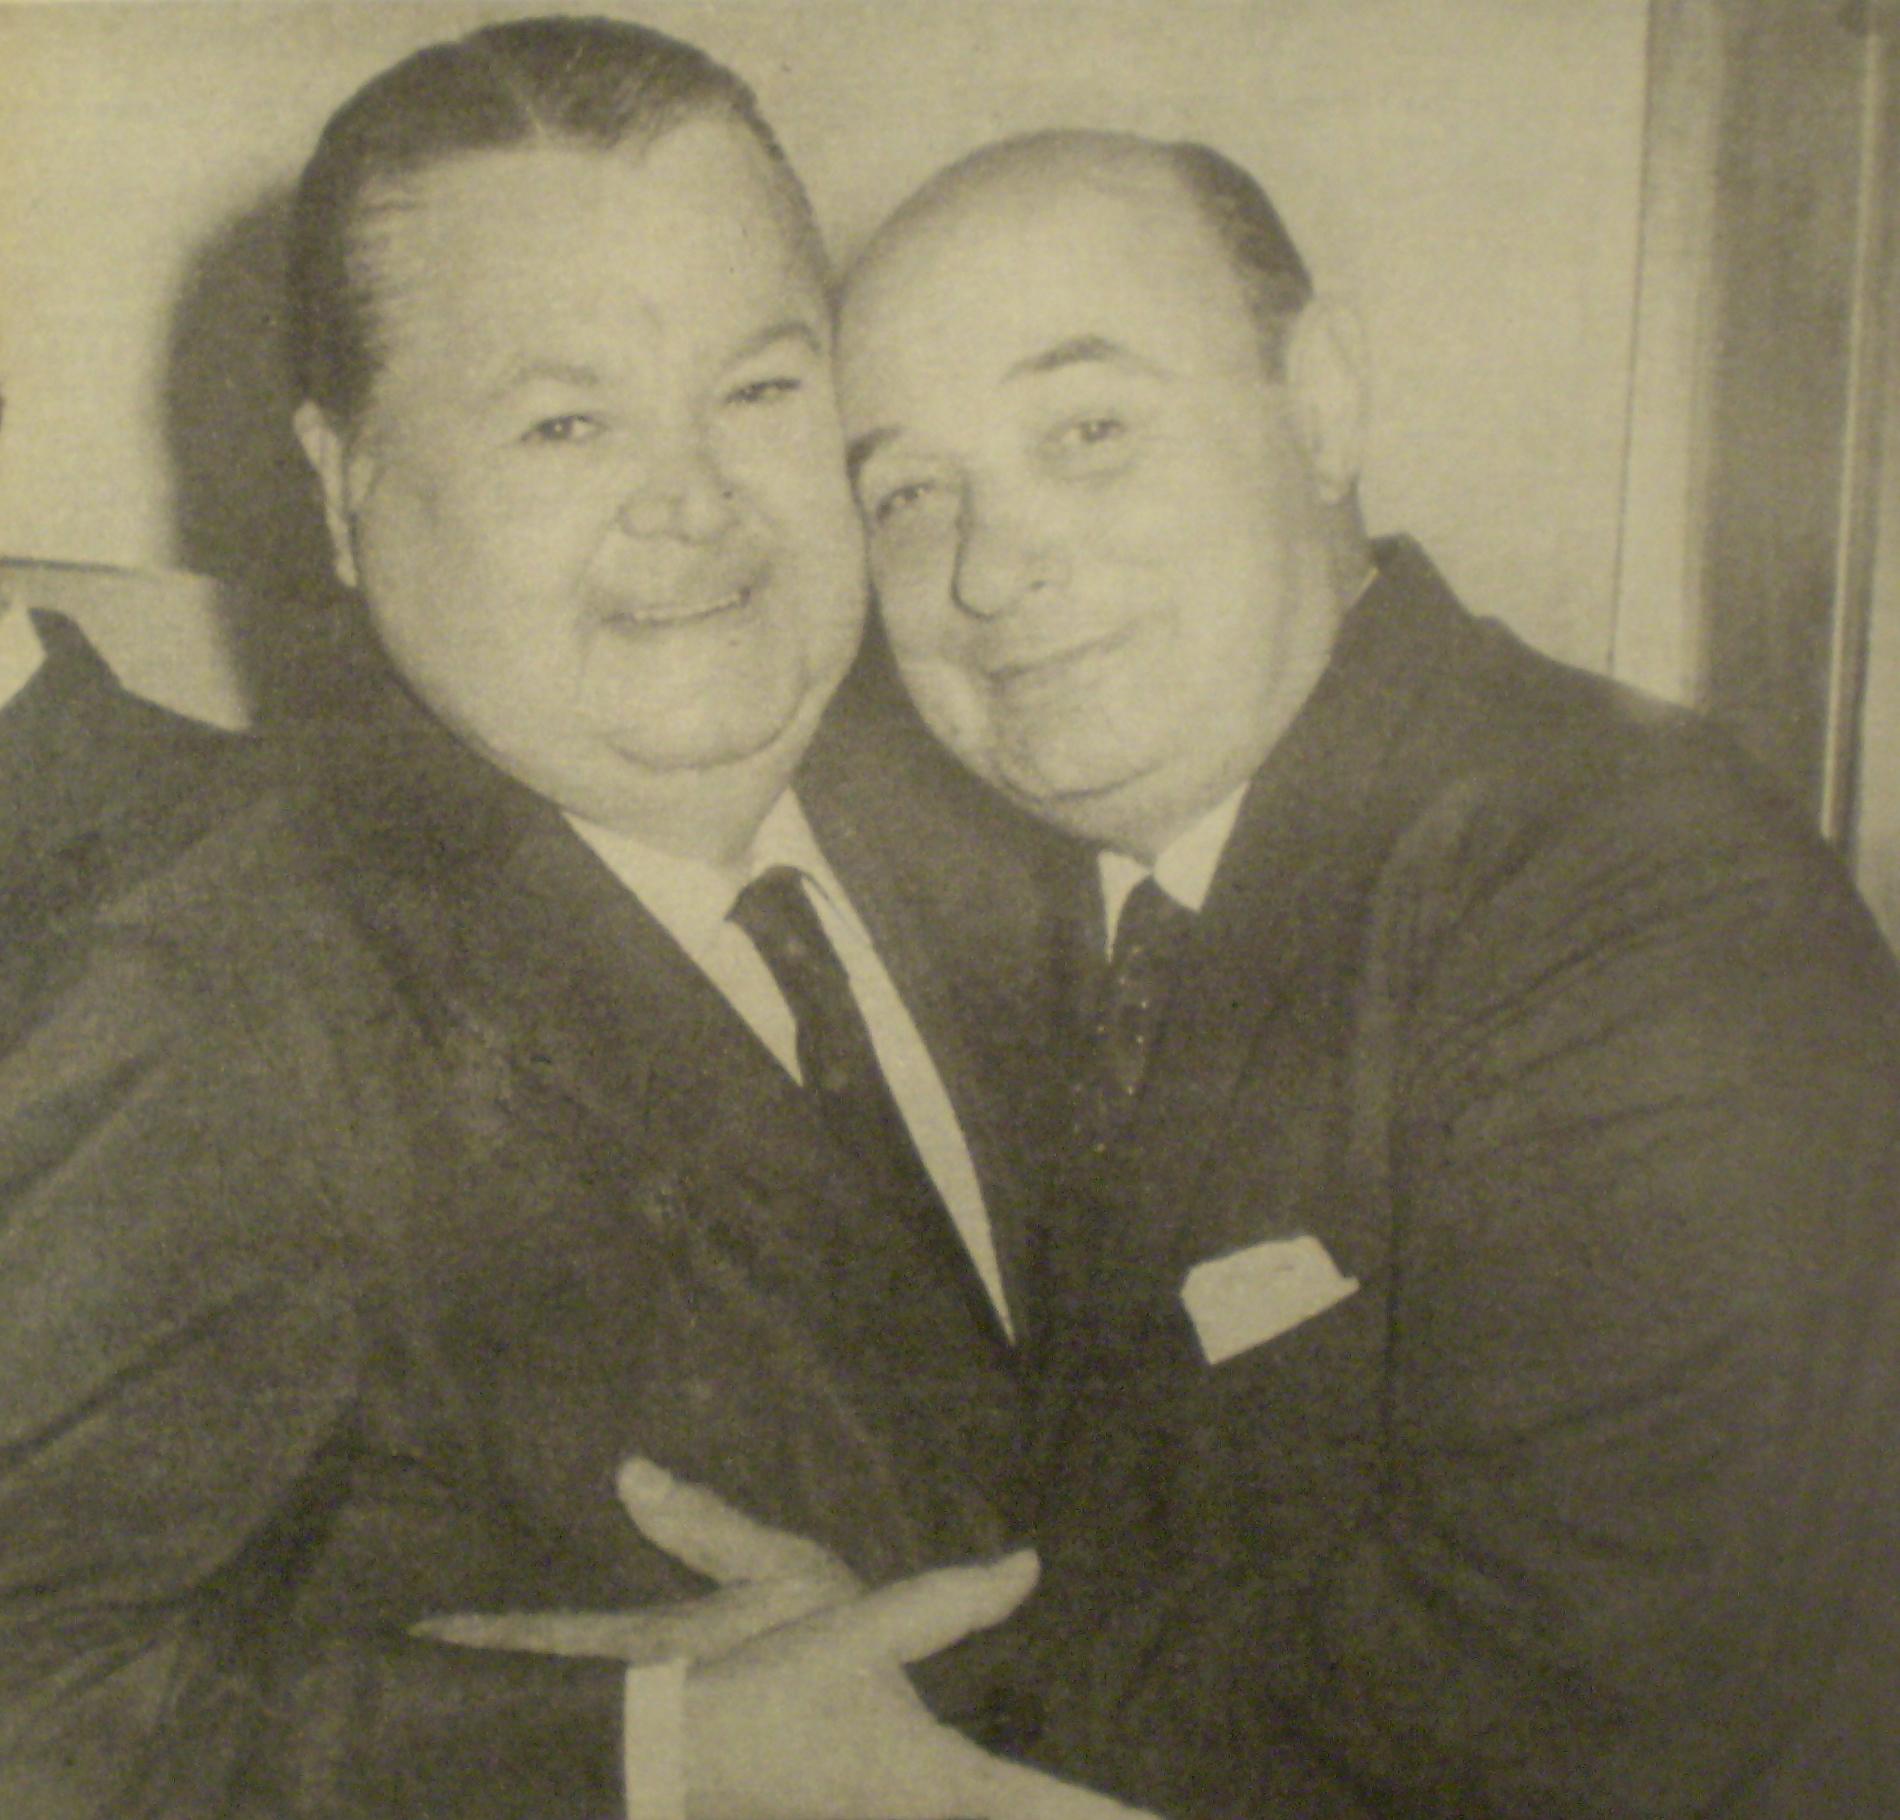 Aníbal Troilo y Cátulo Castillo (1906-1975). Fotografía póstuma en revista Gente de octubre de 1975.